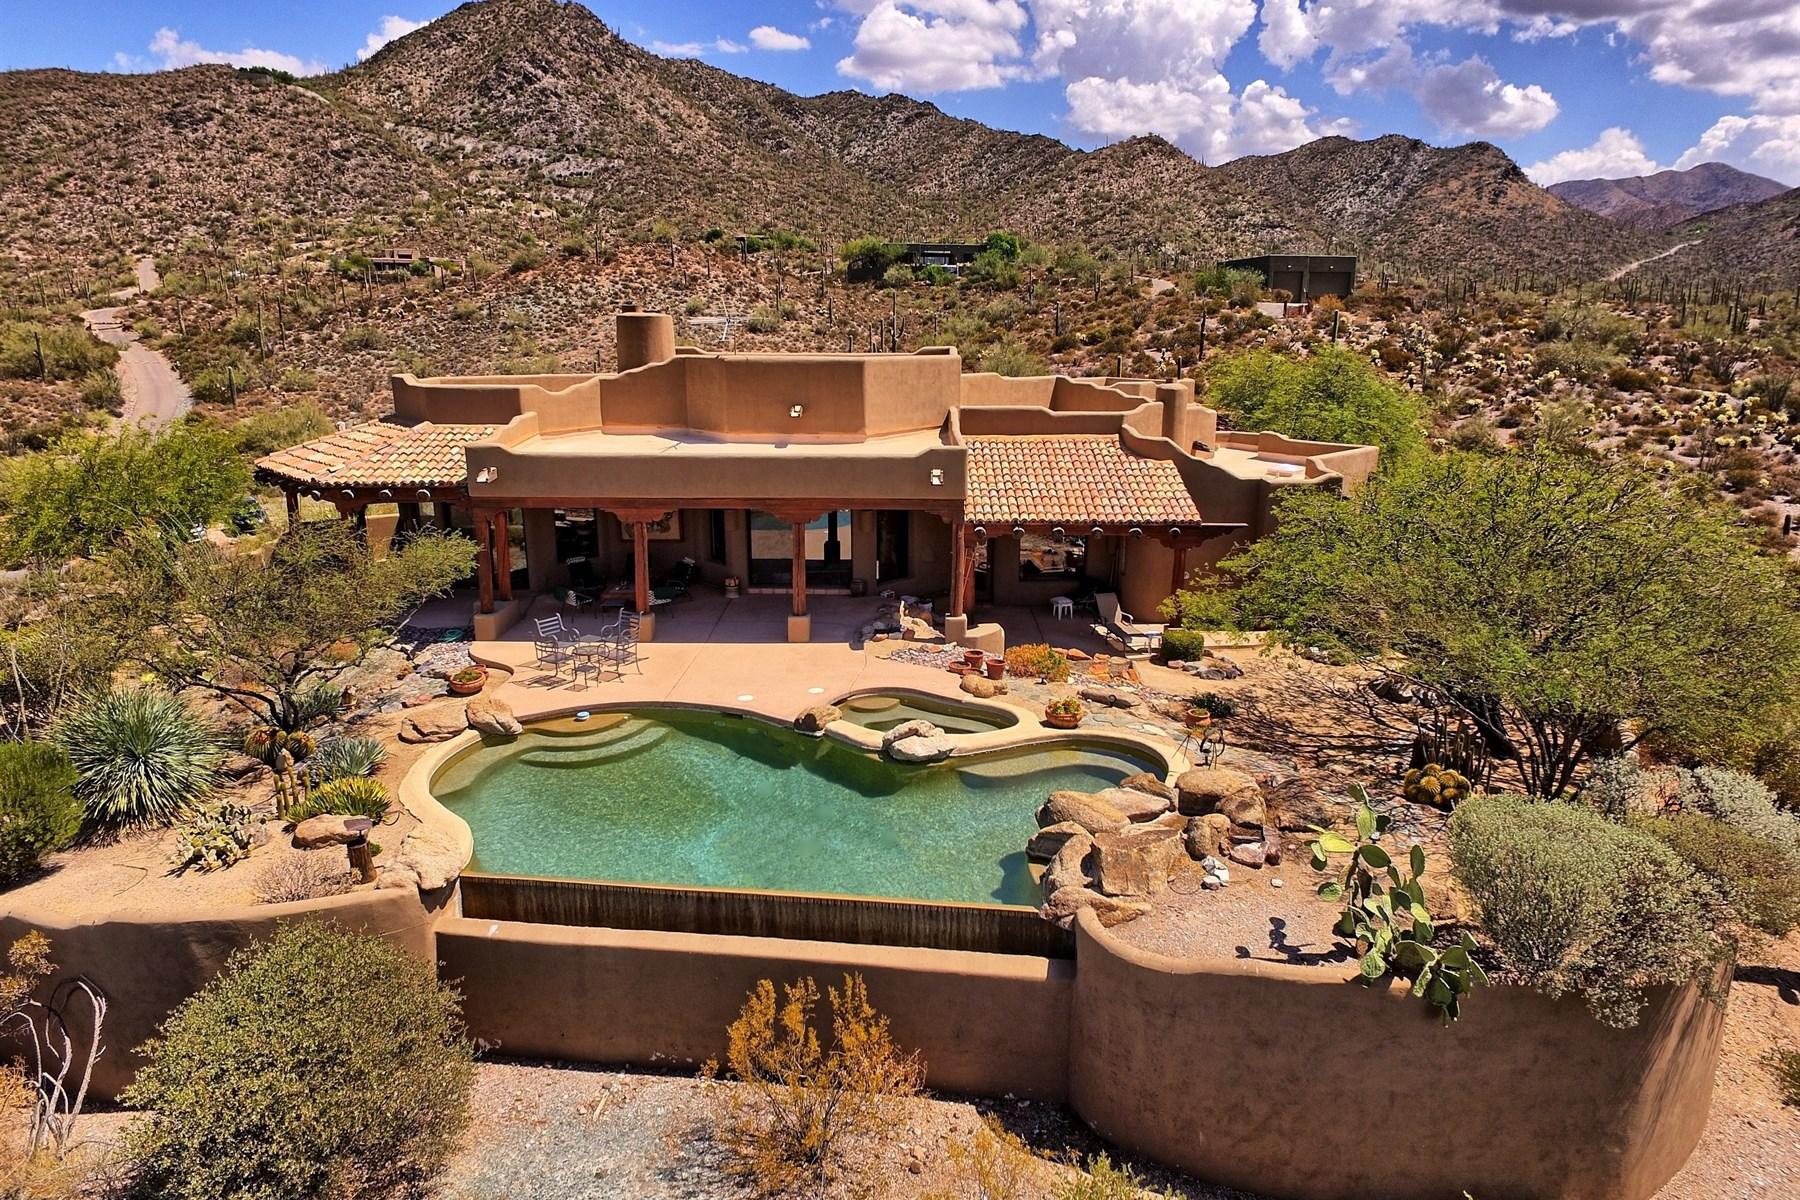 단독 가정 주택 용 매매 에 Soft Southwestern Santa Fe home with amazing views 43311 N Cottonwood Canyon Rd Cave Creek, 아리조나, 85331 미국